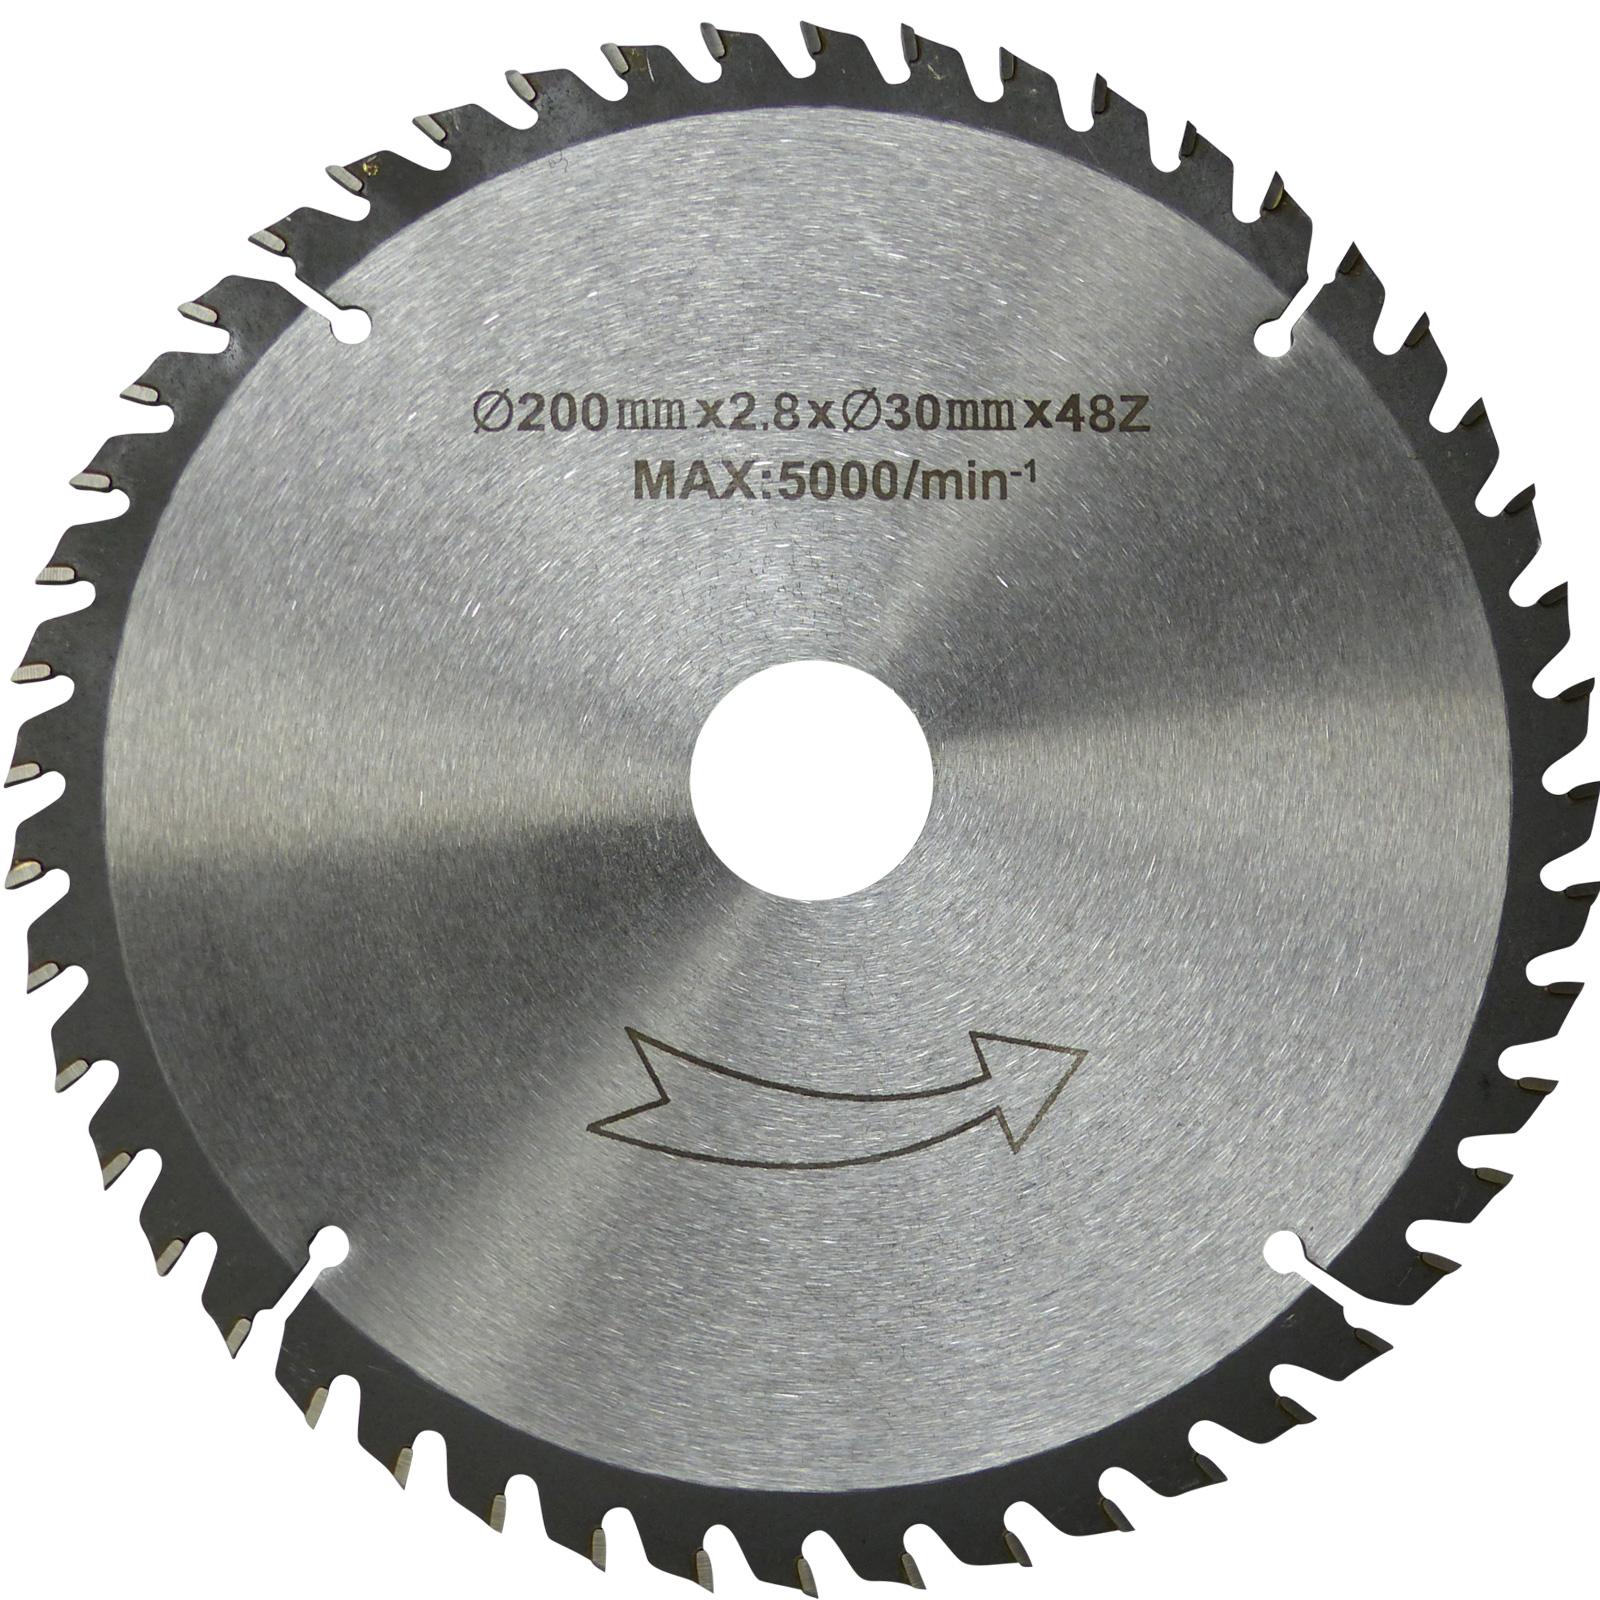 200 mm QUALITÄTS HM-Sägeblatt Holz-Grobschnitt